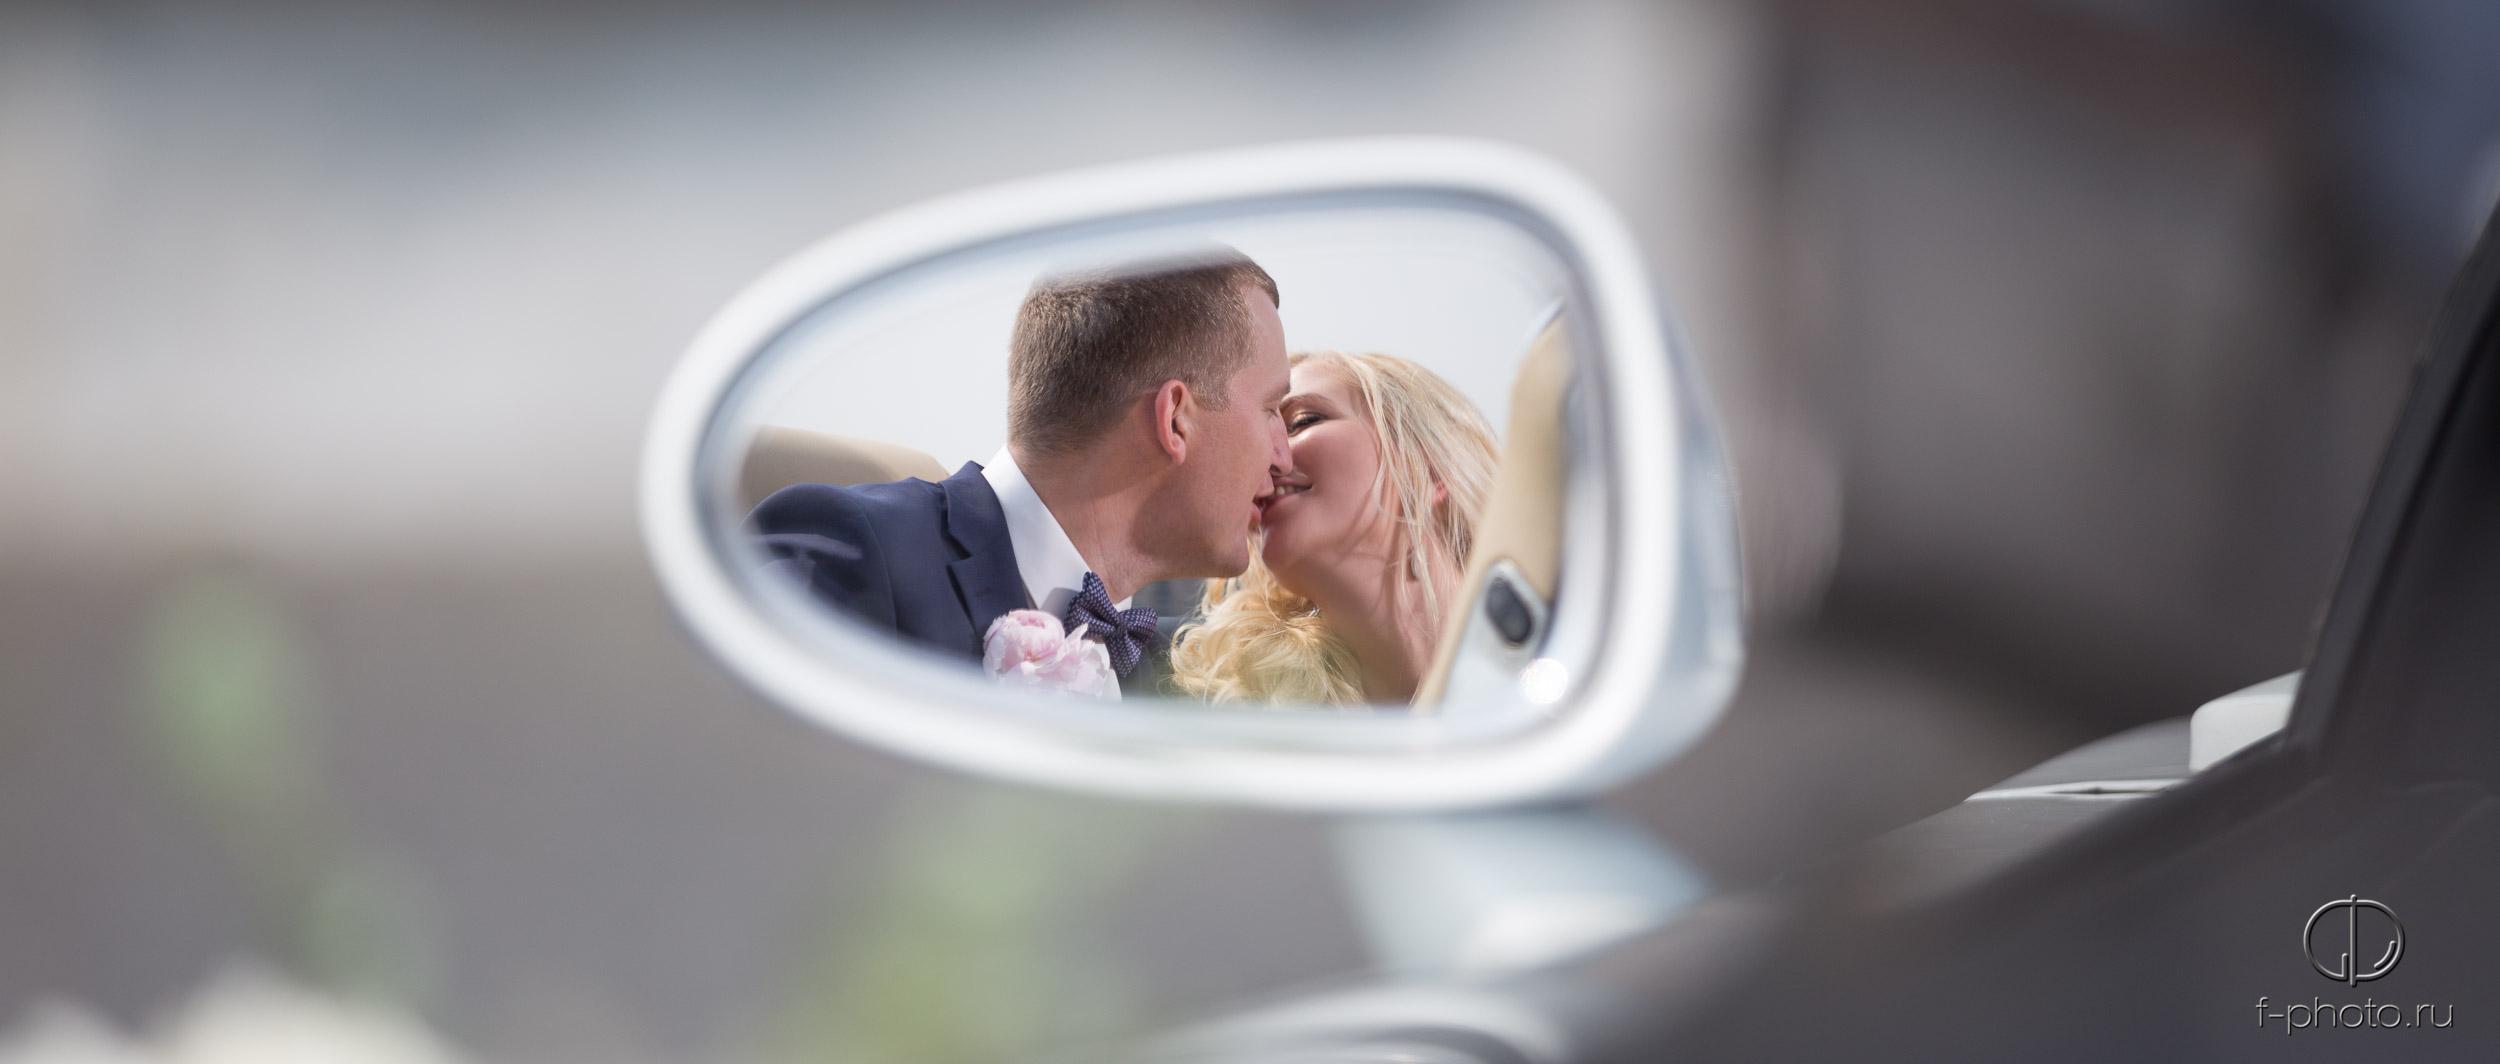 Copy of Лучший свадебный фотограф